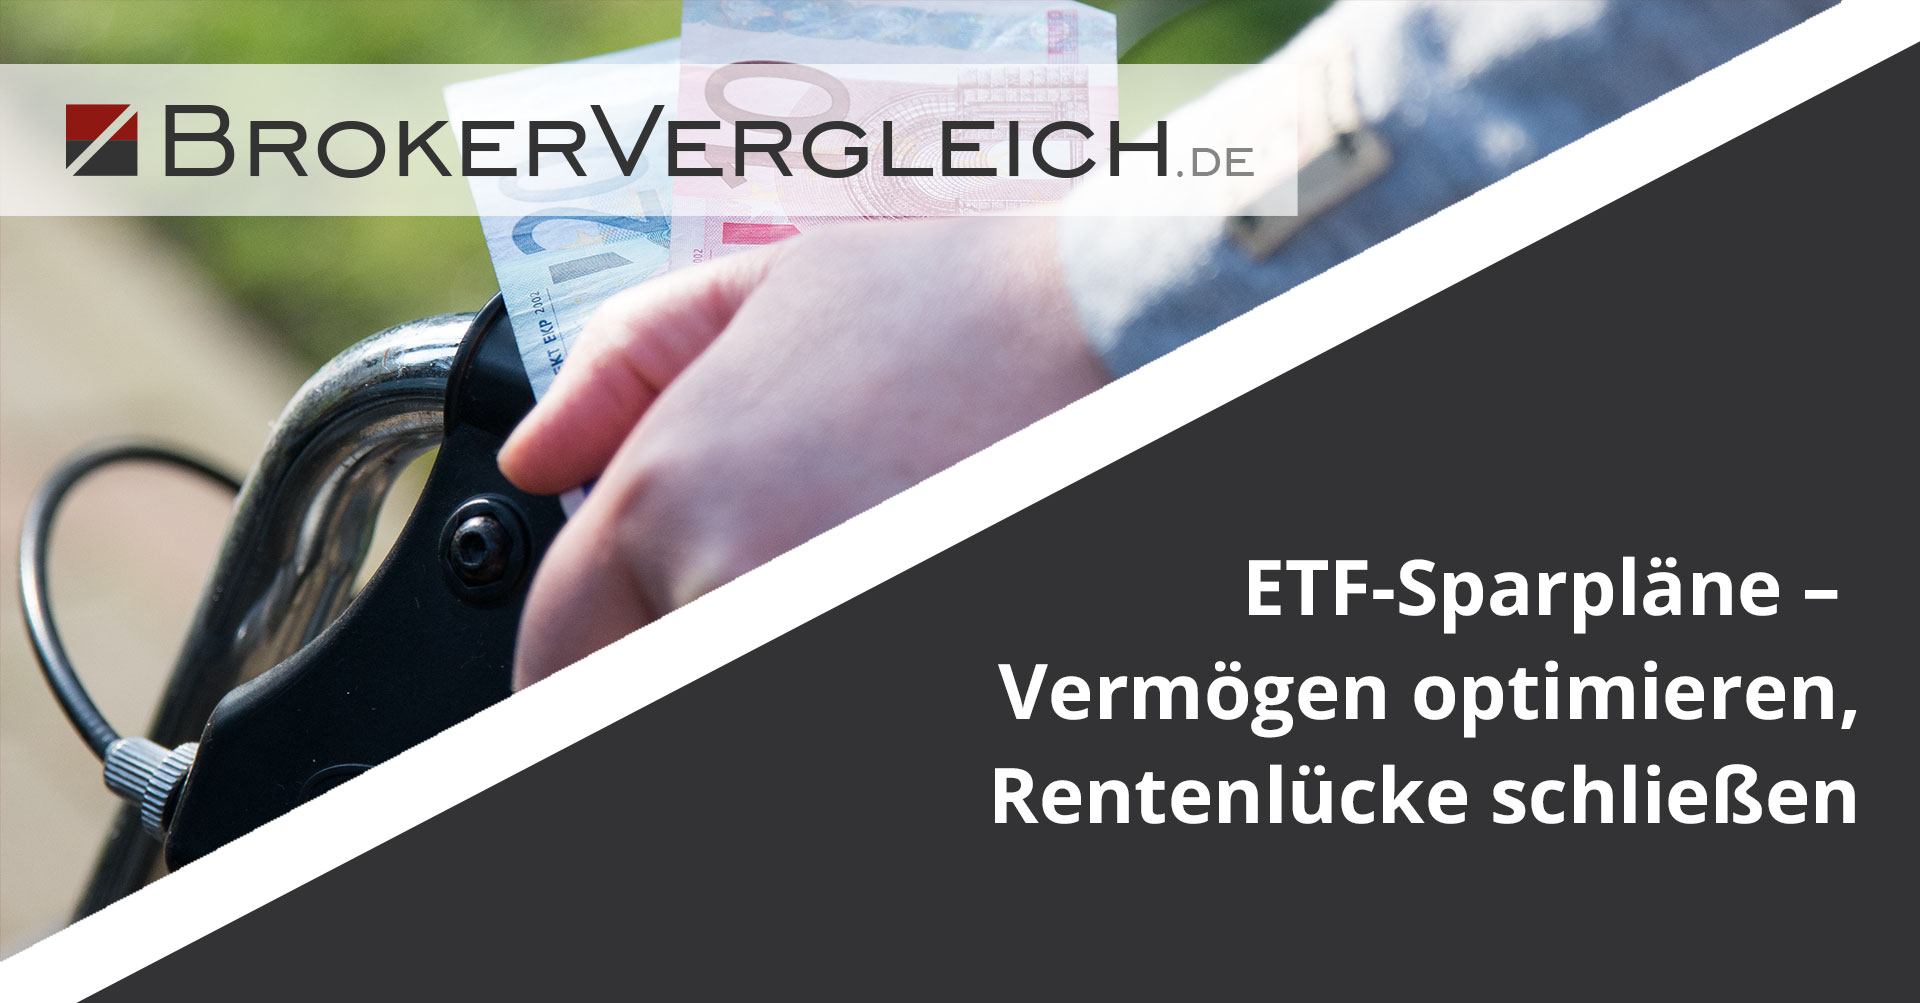 ETF-Sparpläne – Vermögen optimieren, Rentenlücke schließen